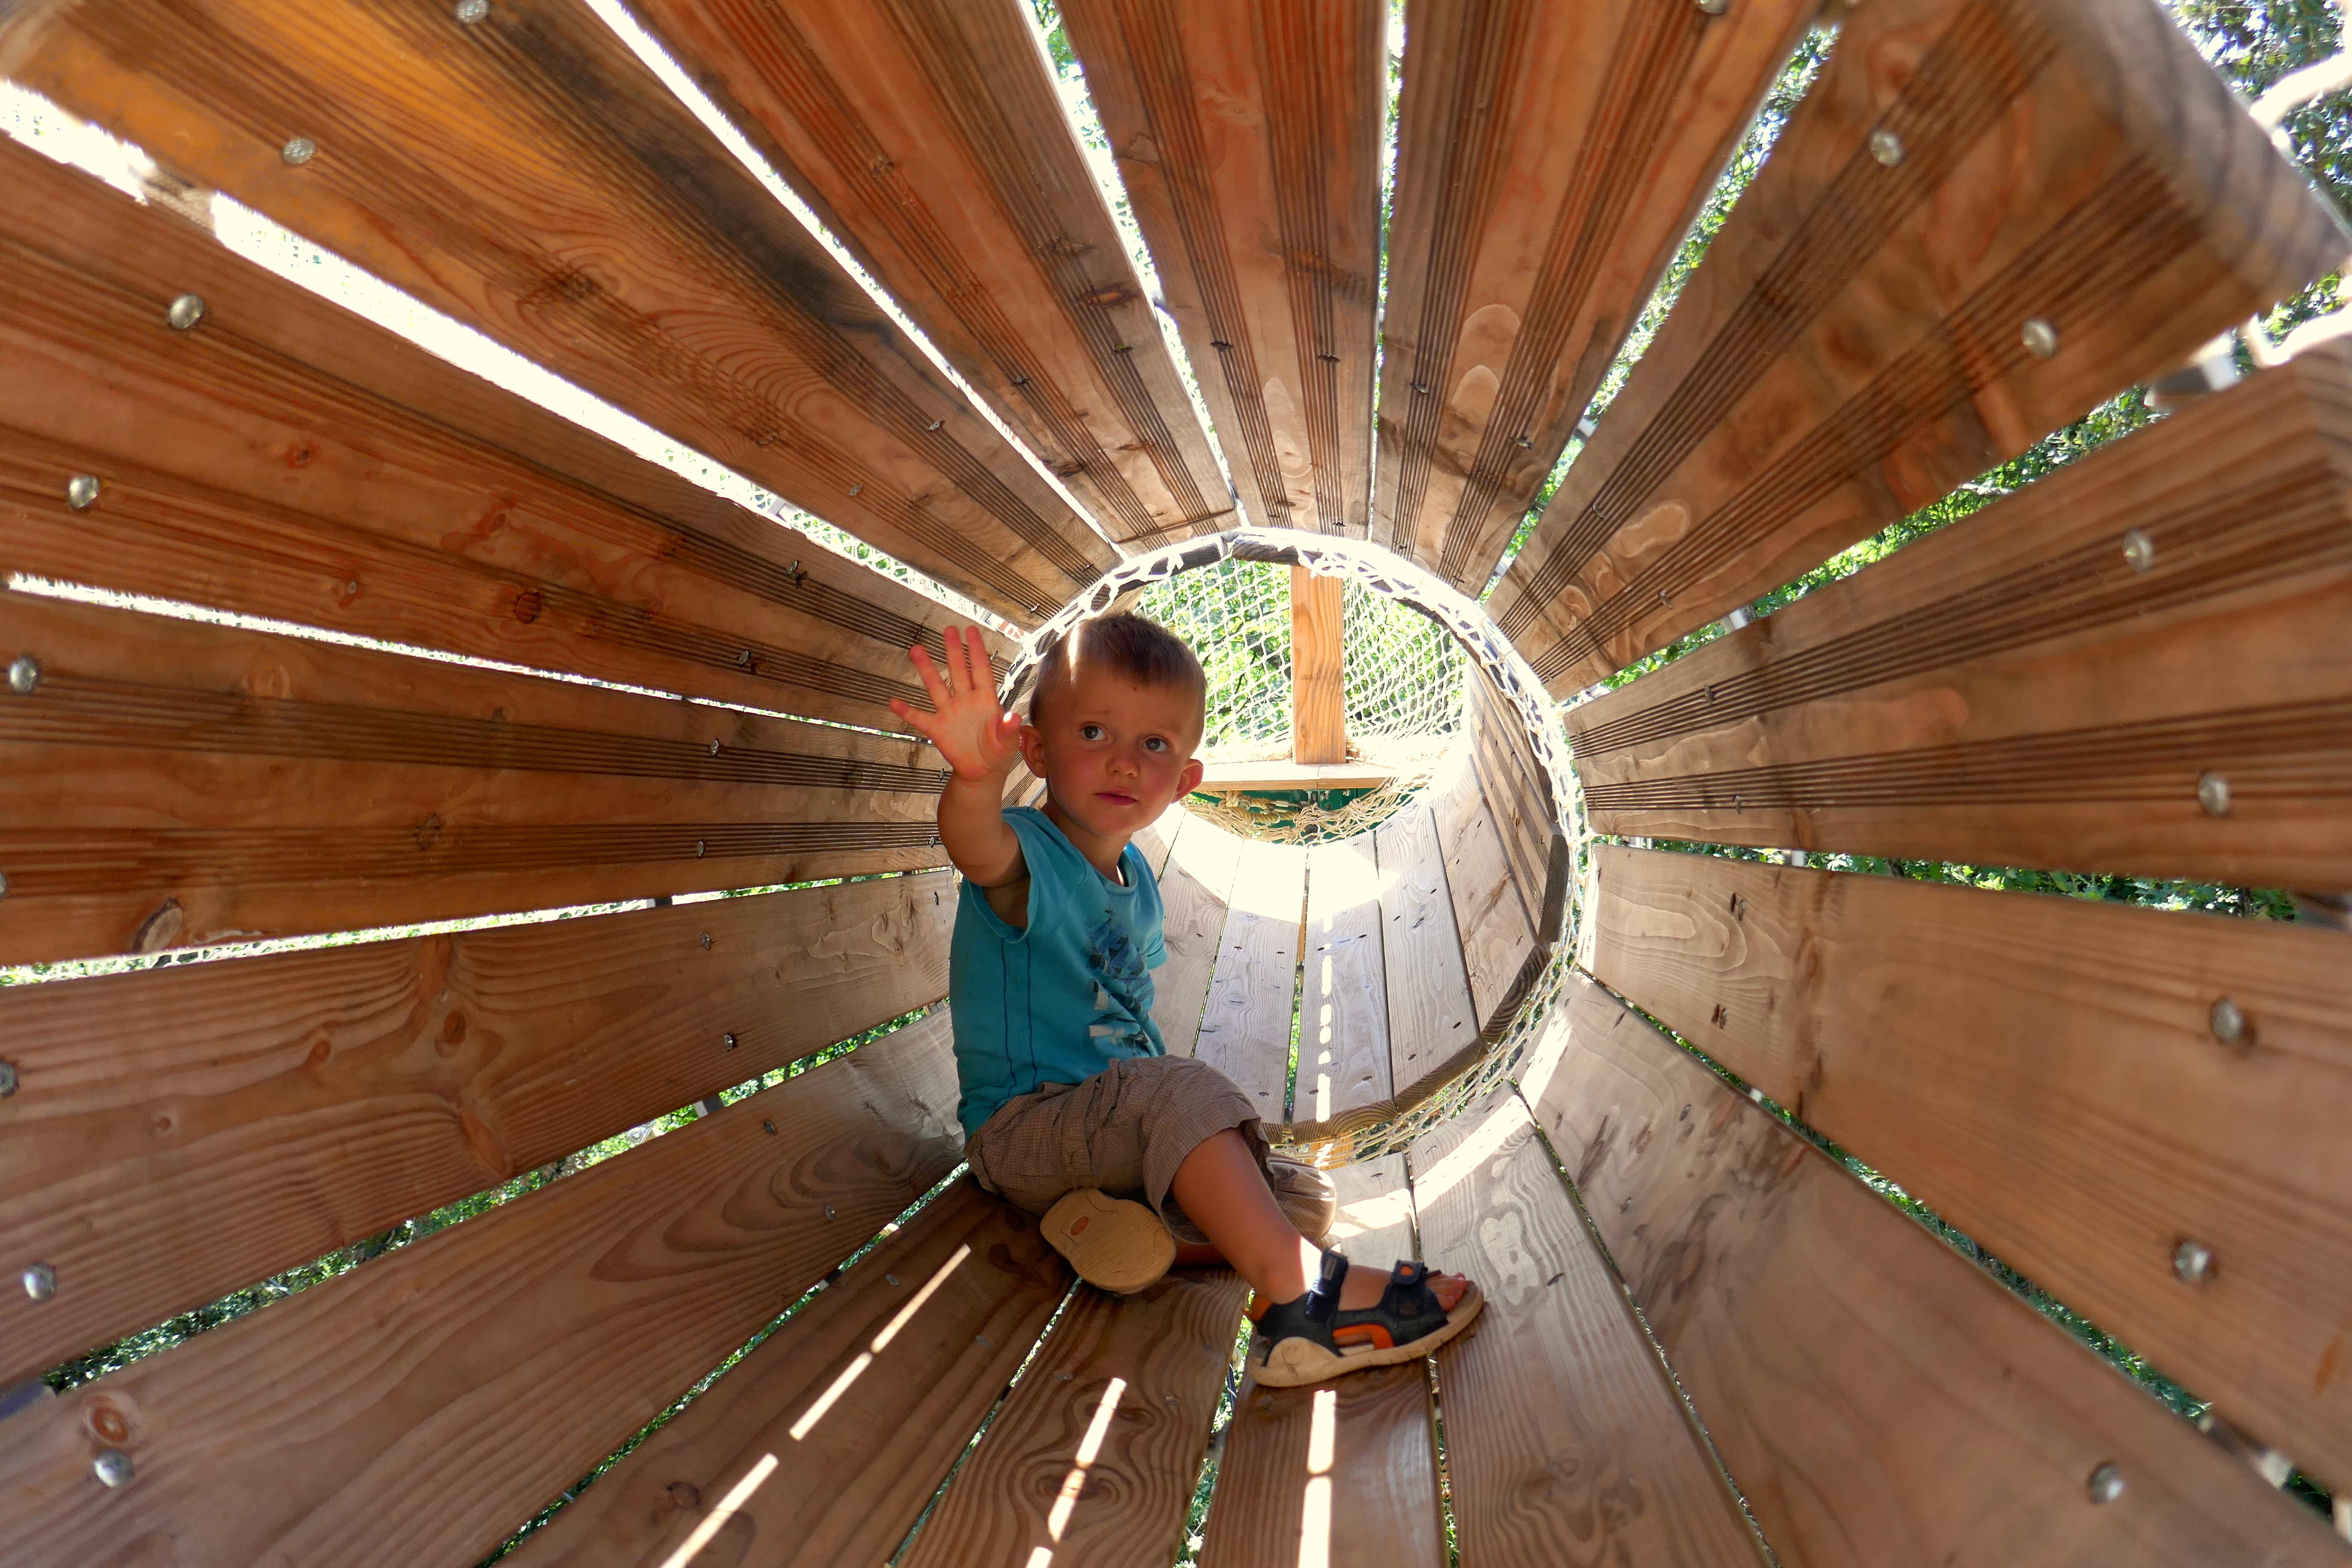 la Grotte de la Salamandre Mejannes-le-Clap Visite en famille blog